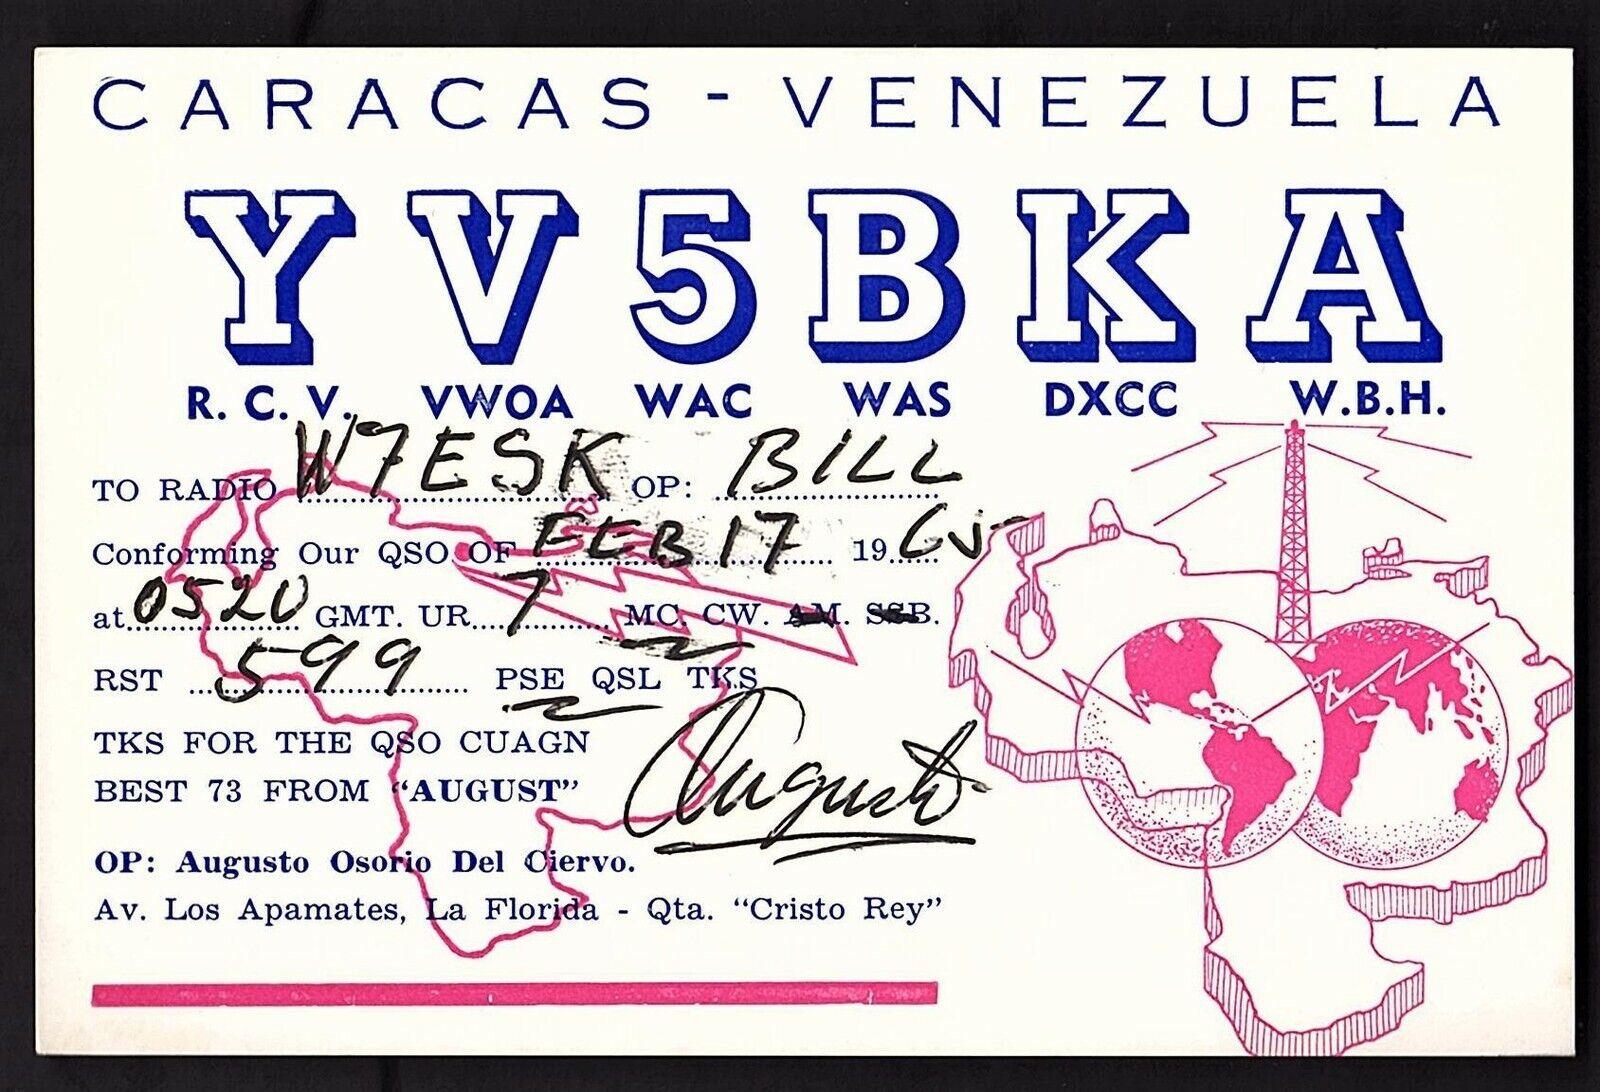 QSL QSO RADIO CARD Caracas-Venezuela/YV5BKA/Augusto Osorio Del Ciervo, (Q1894)